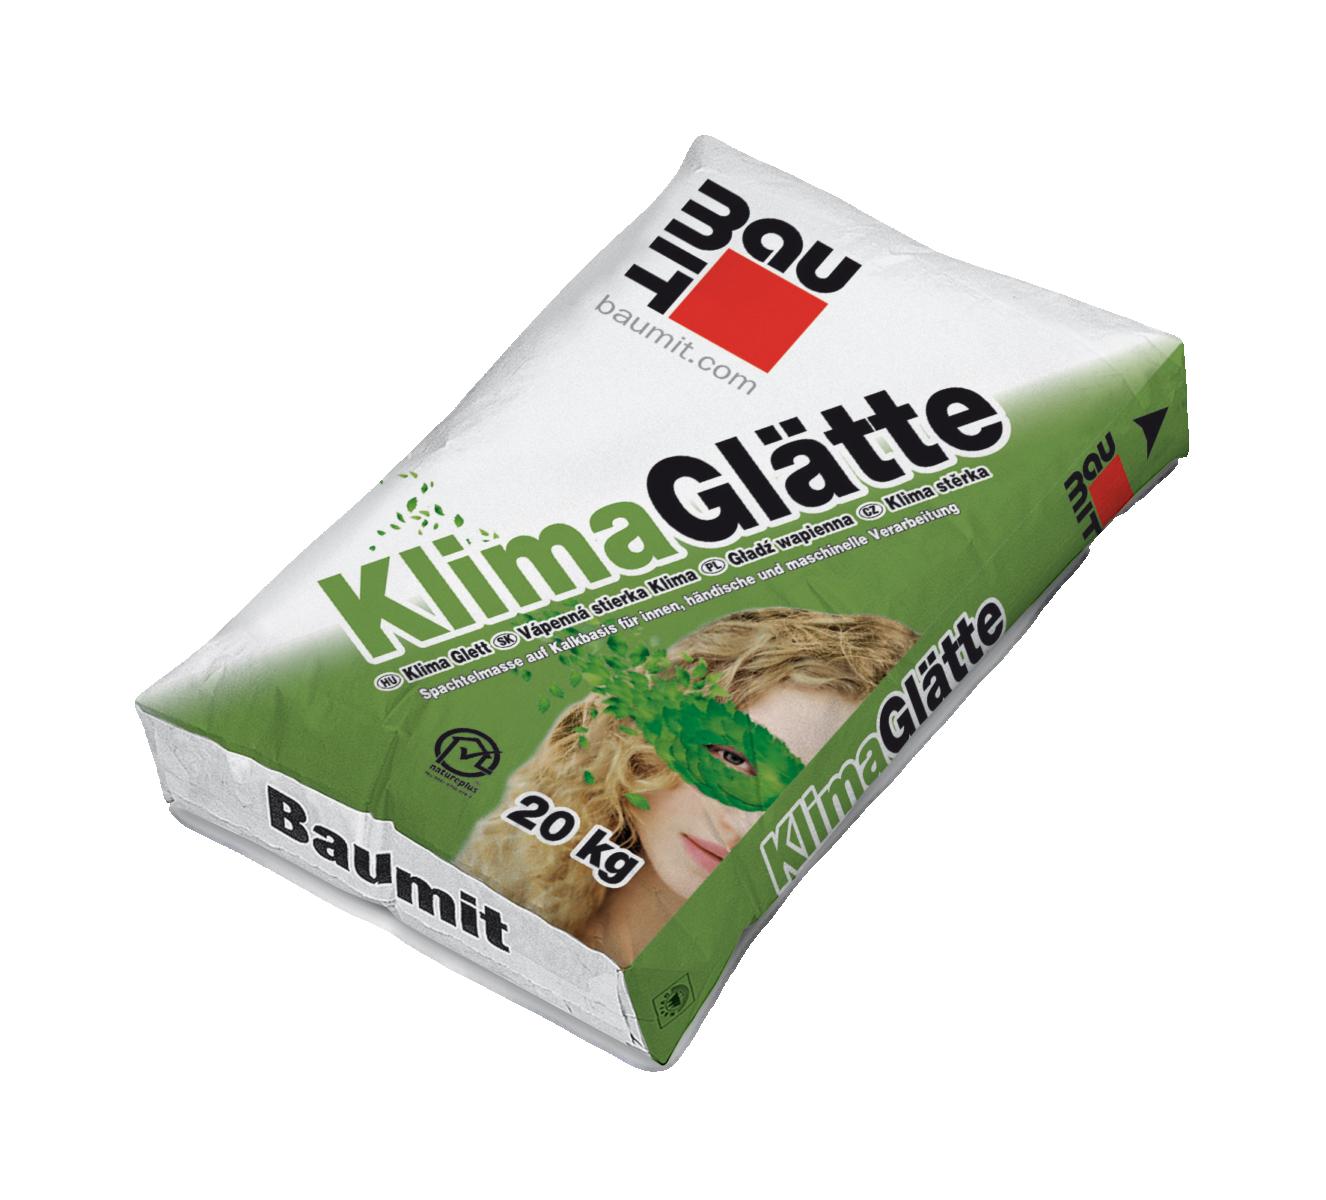 Extremely Fine Lime Finishing Plaster – Baumit Klima Glatte